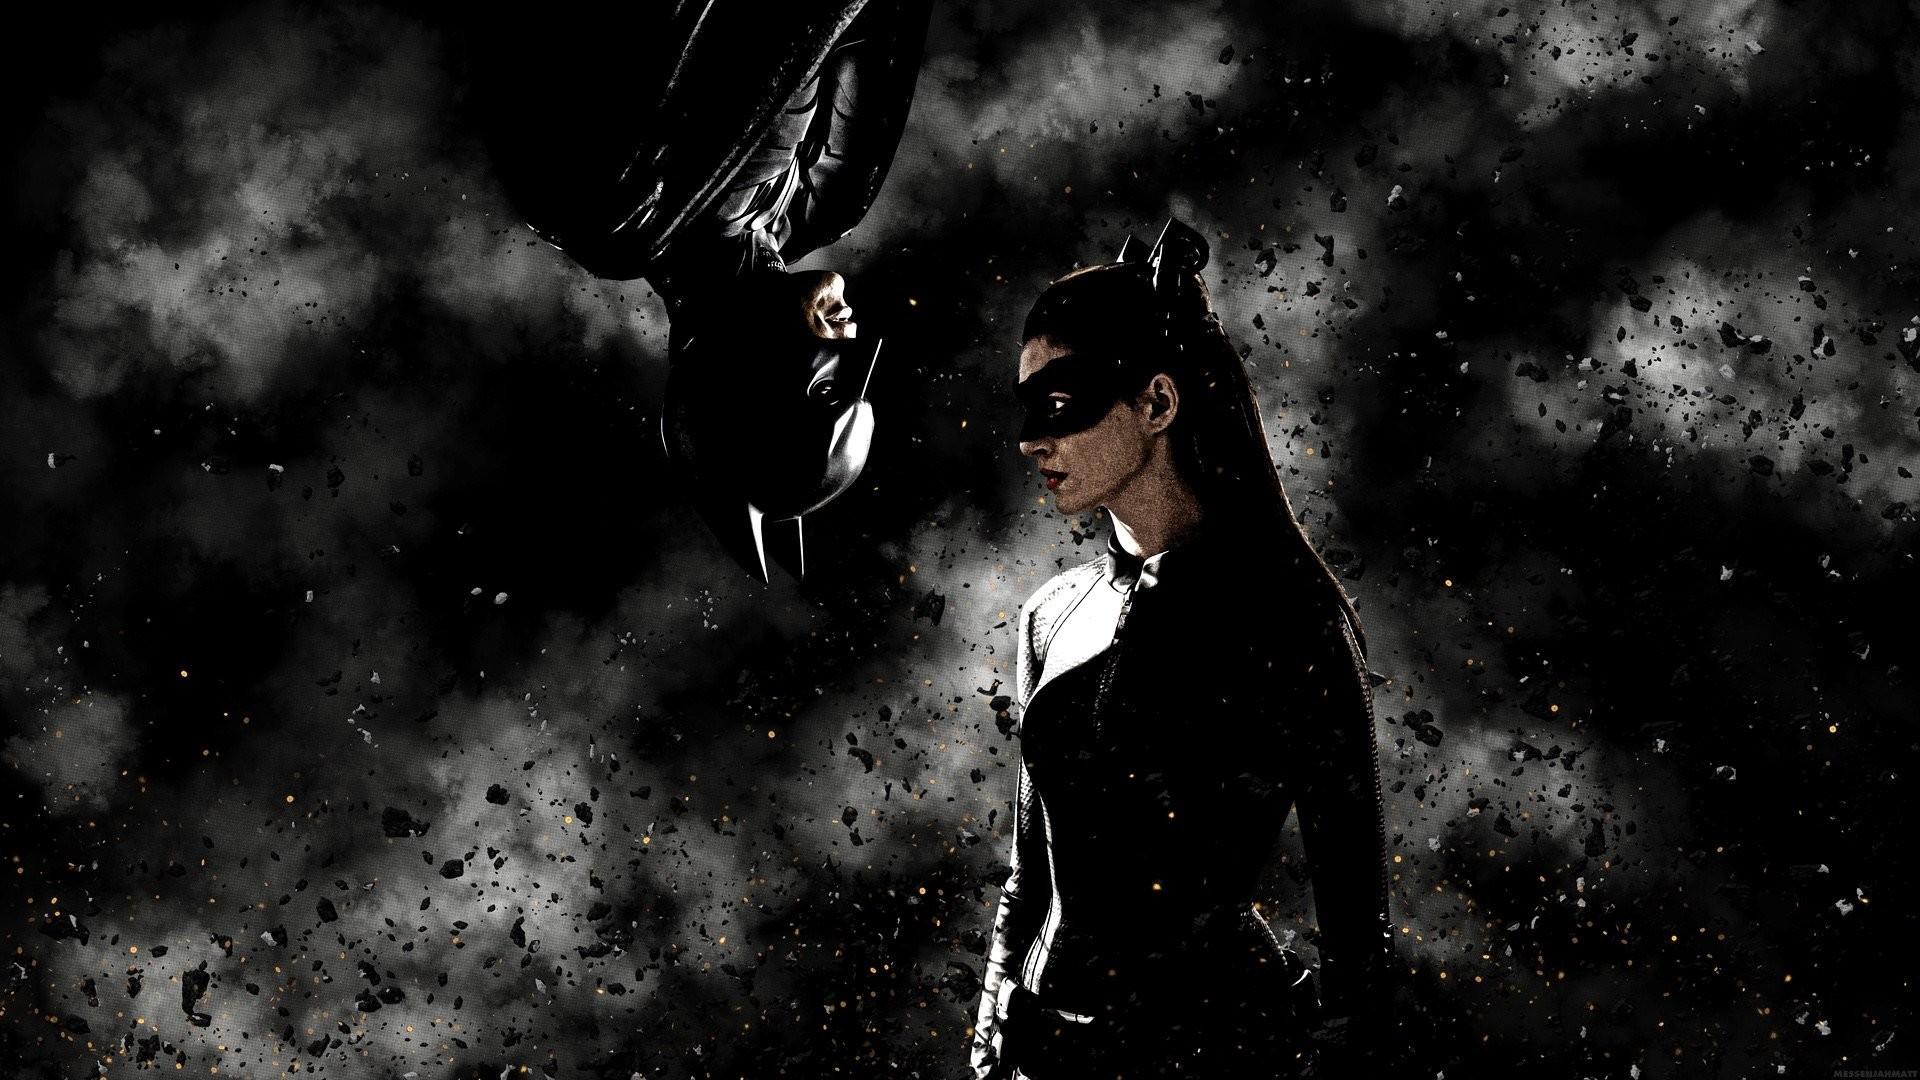 Ultra HD K Batman Wallpapers HD Desktop Backgrounds x   HD Wallpapers    Pinterest   Hd wallpaper, Wallpaper and Desktop backgrounds